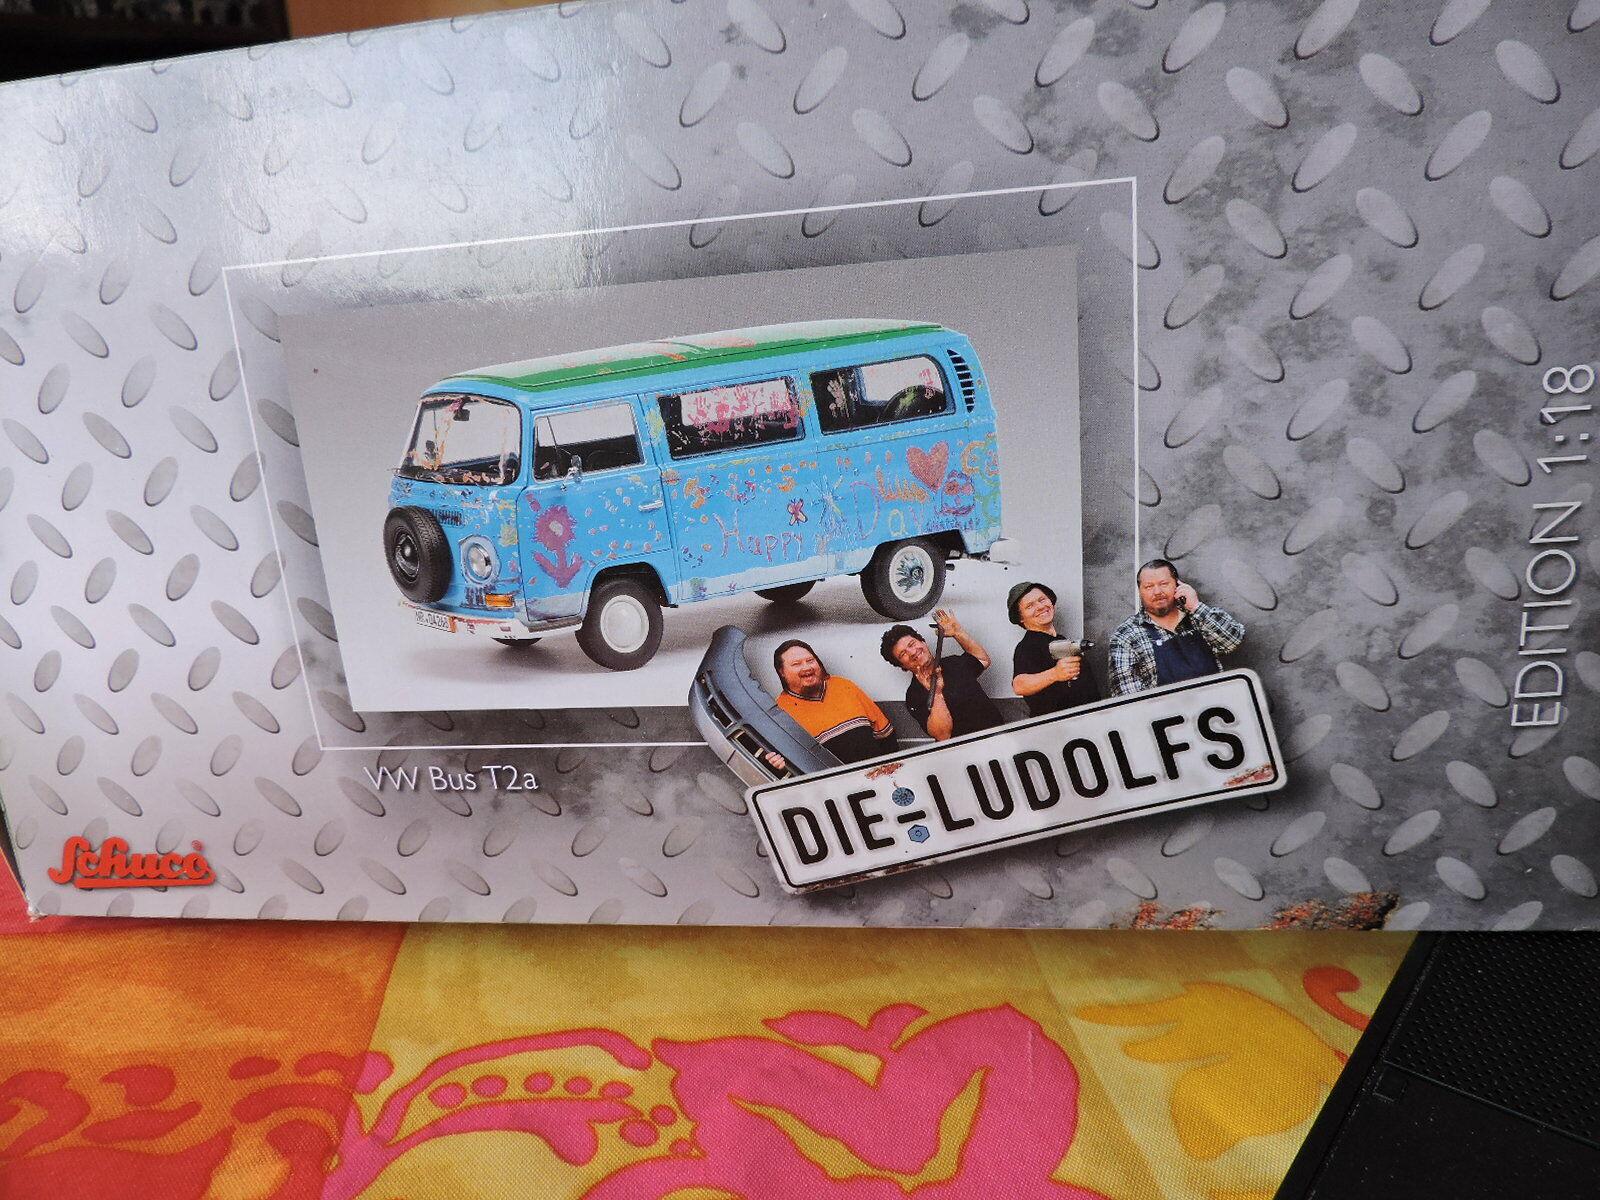 VW Bus Combi T2a Die Ludolfs Schuco 1 18 -  Neuve